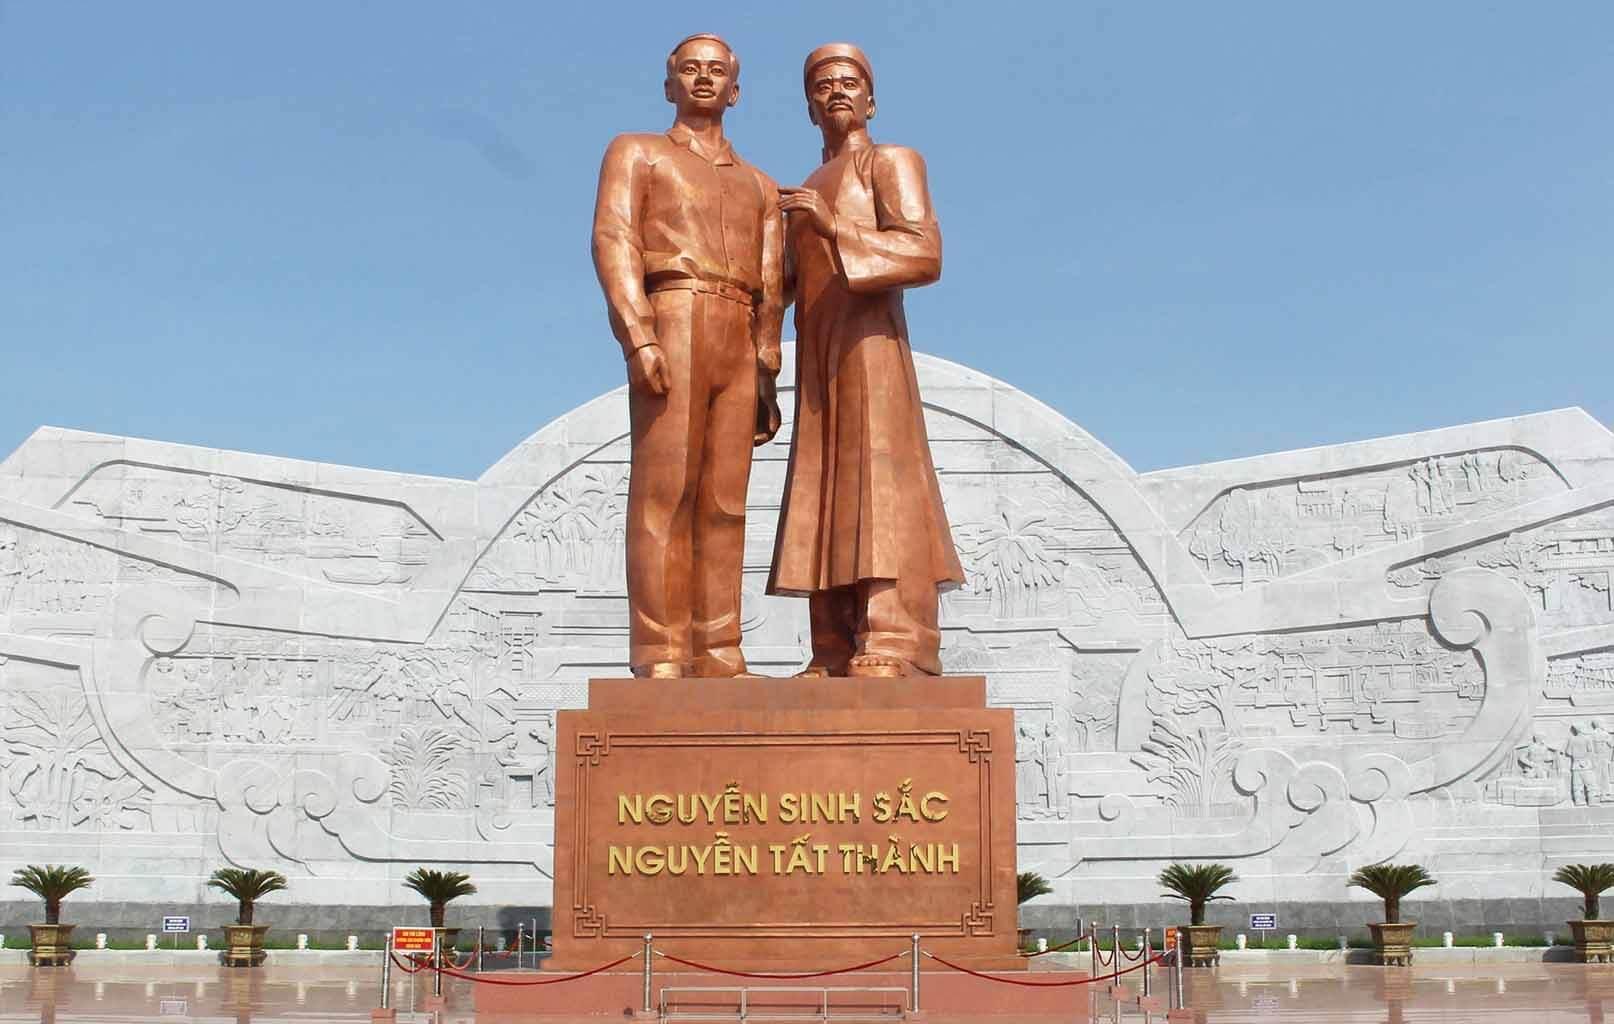 Tượng đài Nguyễn Sinh Sắc – Nguyễn Tất Thành. - Tượng đài của lòng yêu và tình cha con thiêng liêng.